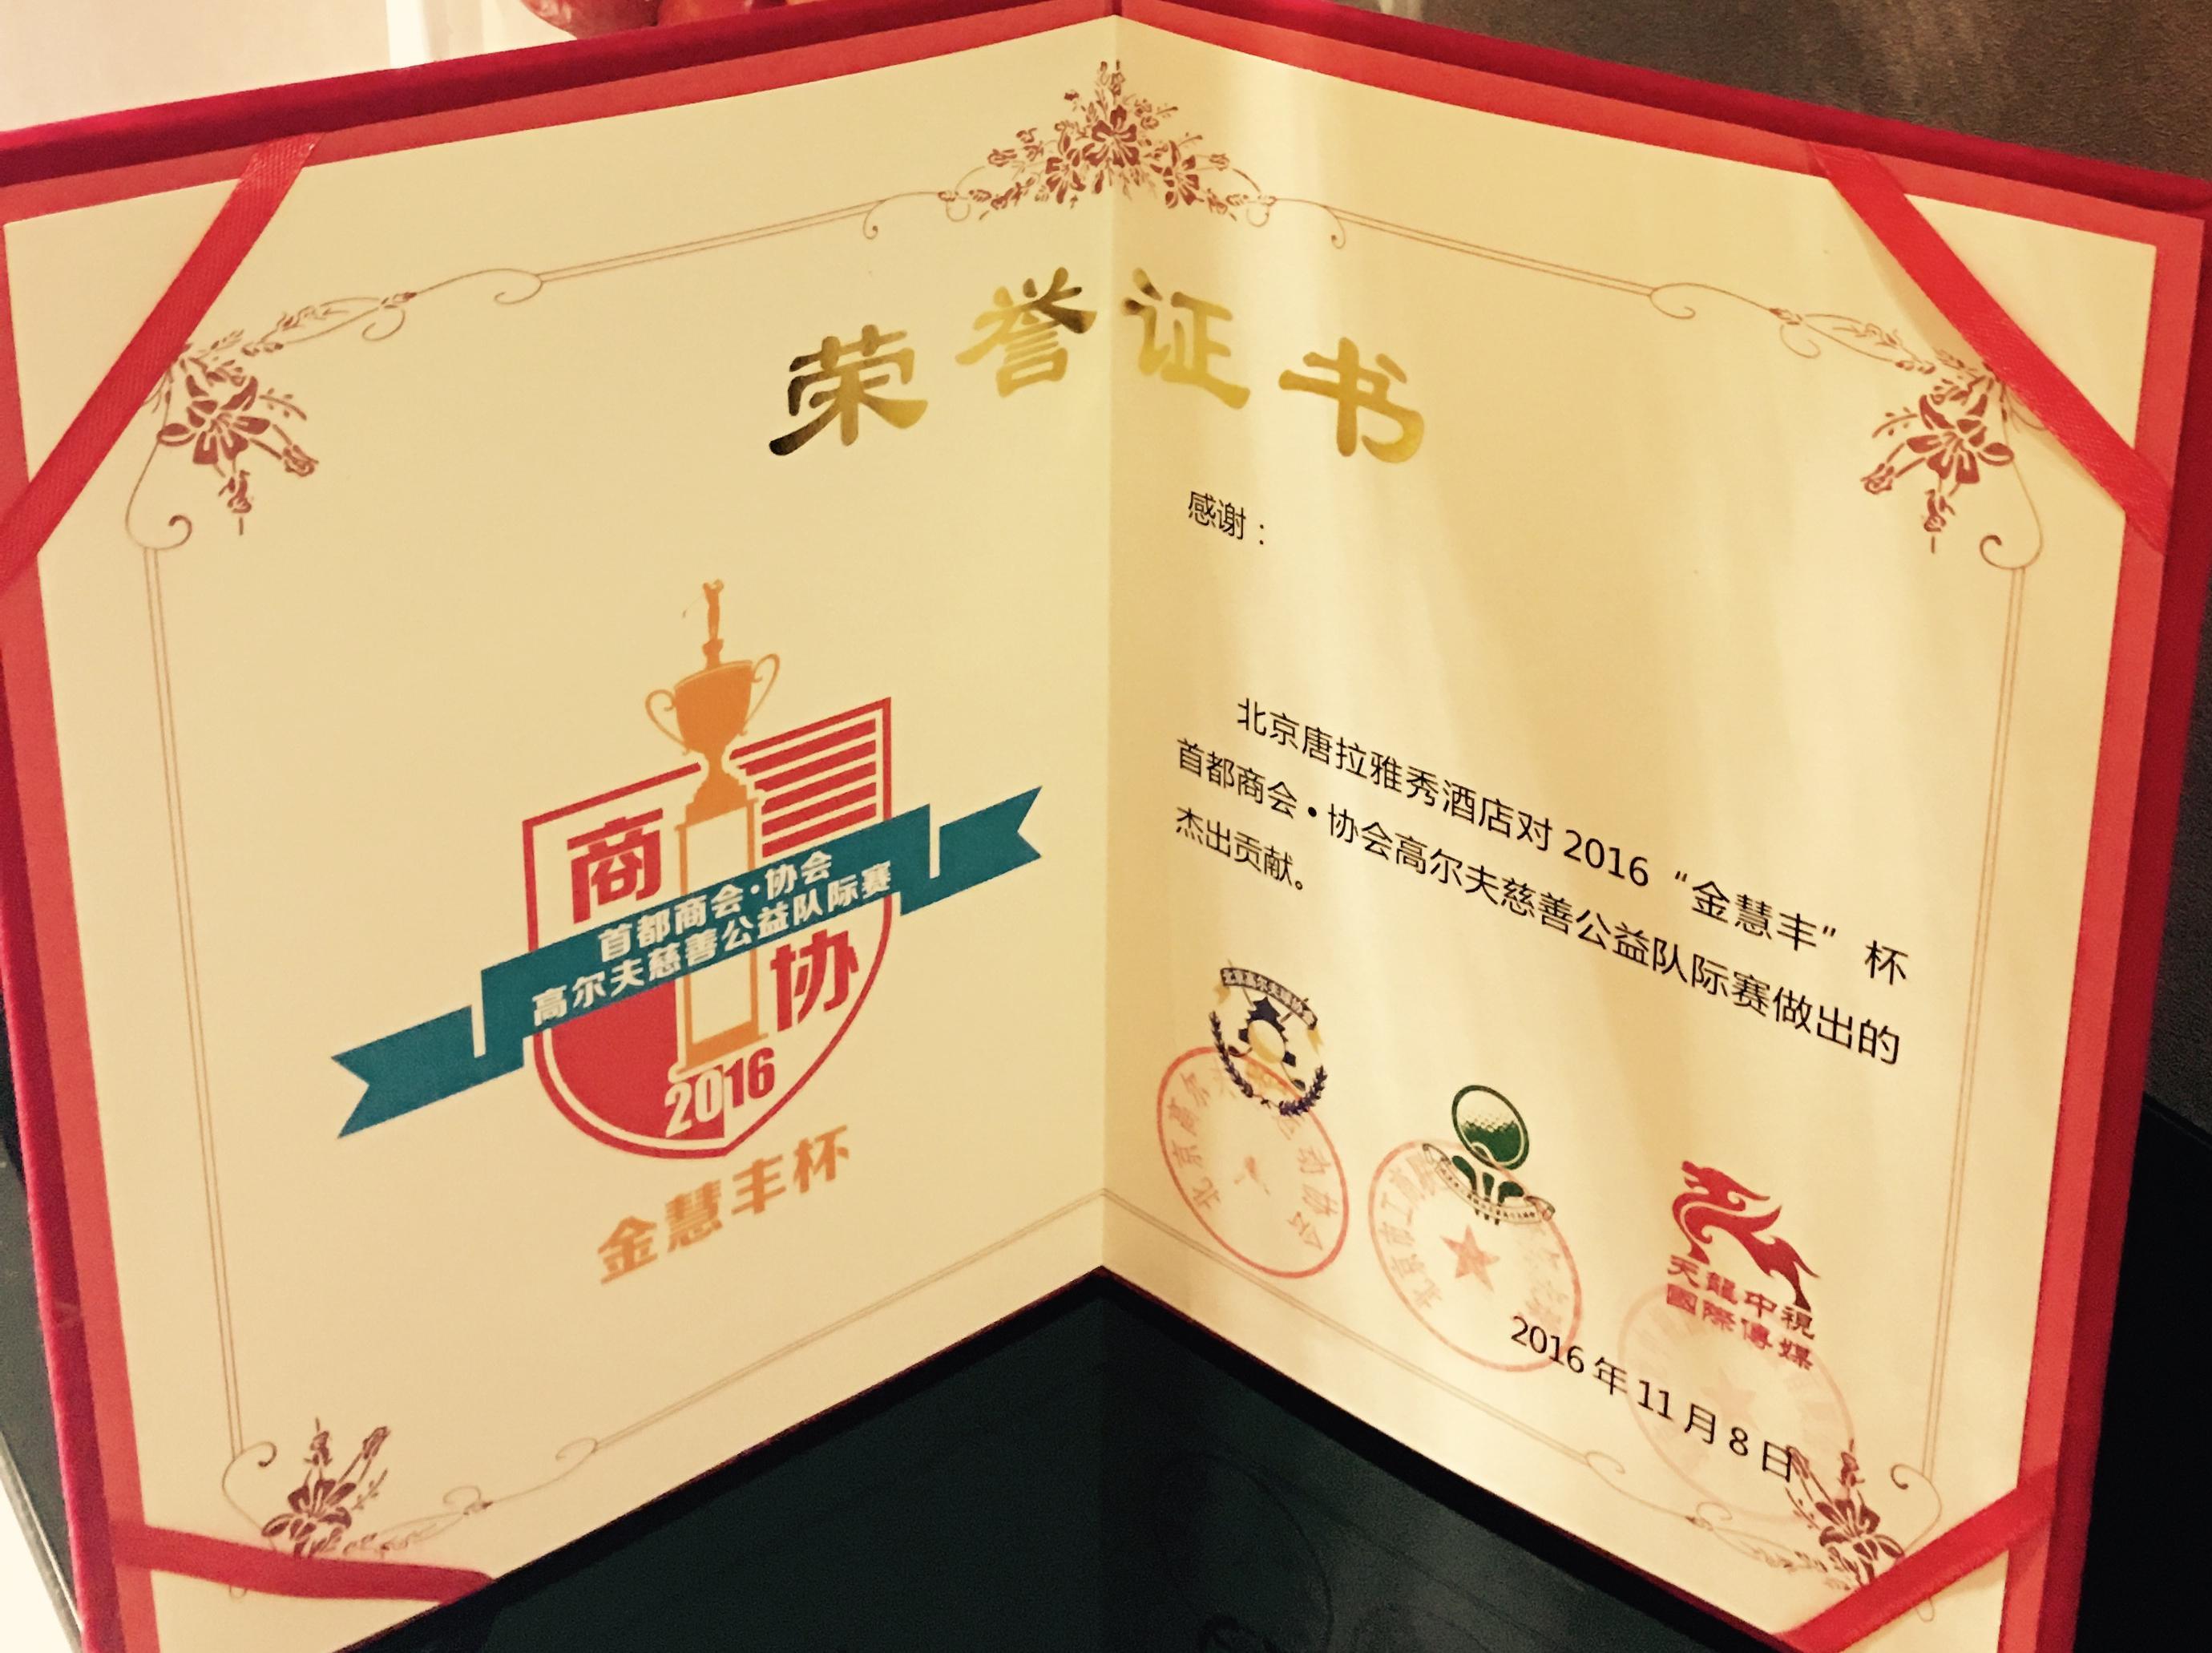 2016都城商会协会颁奖晚宴在北京唐拉雅秀旅店举行